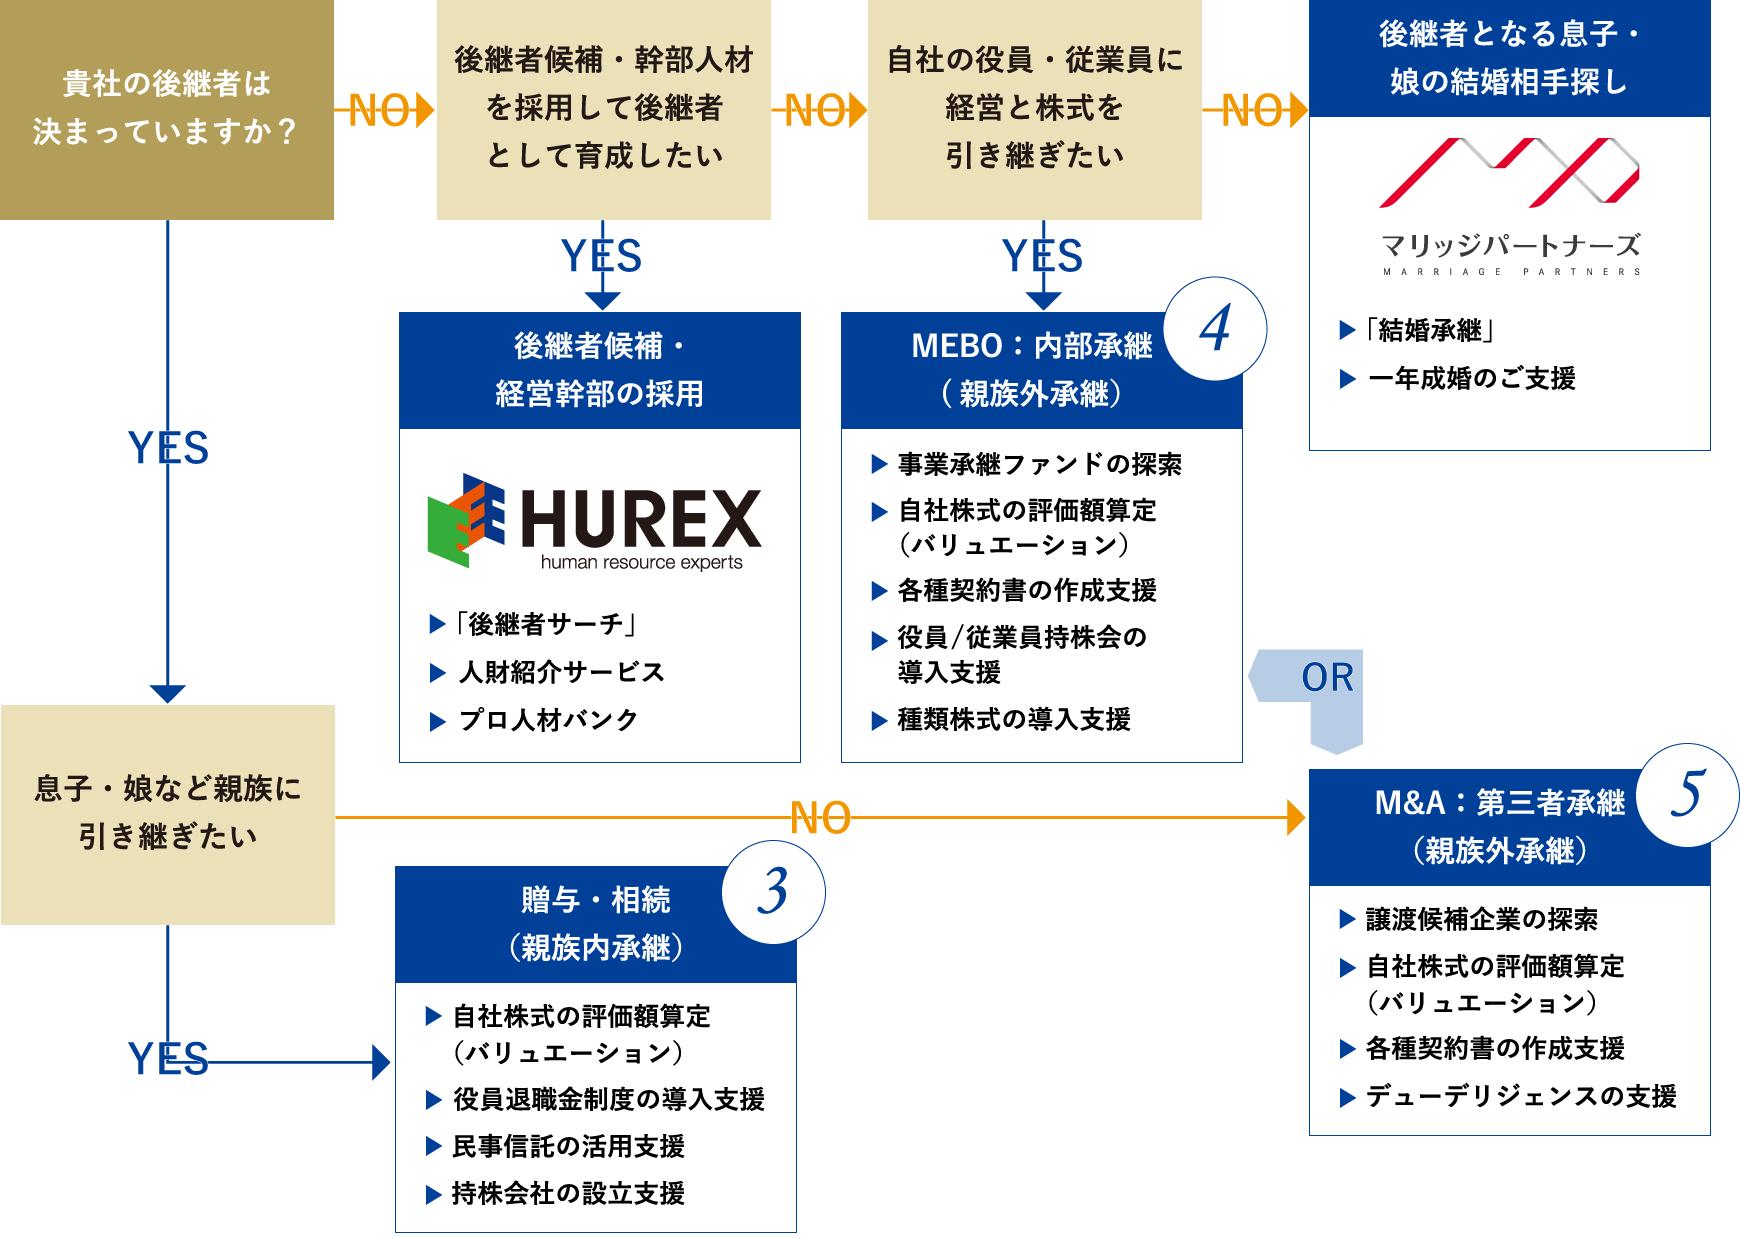 事業承継プランの準備と検討